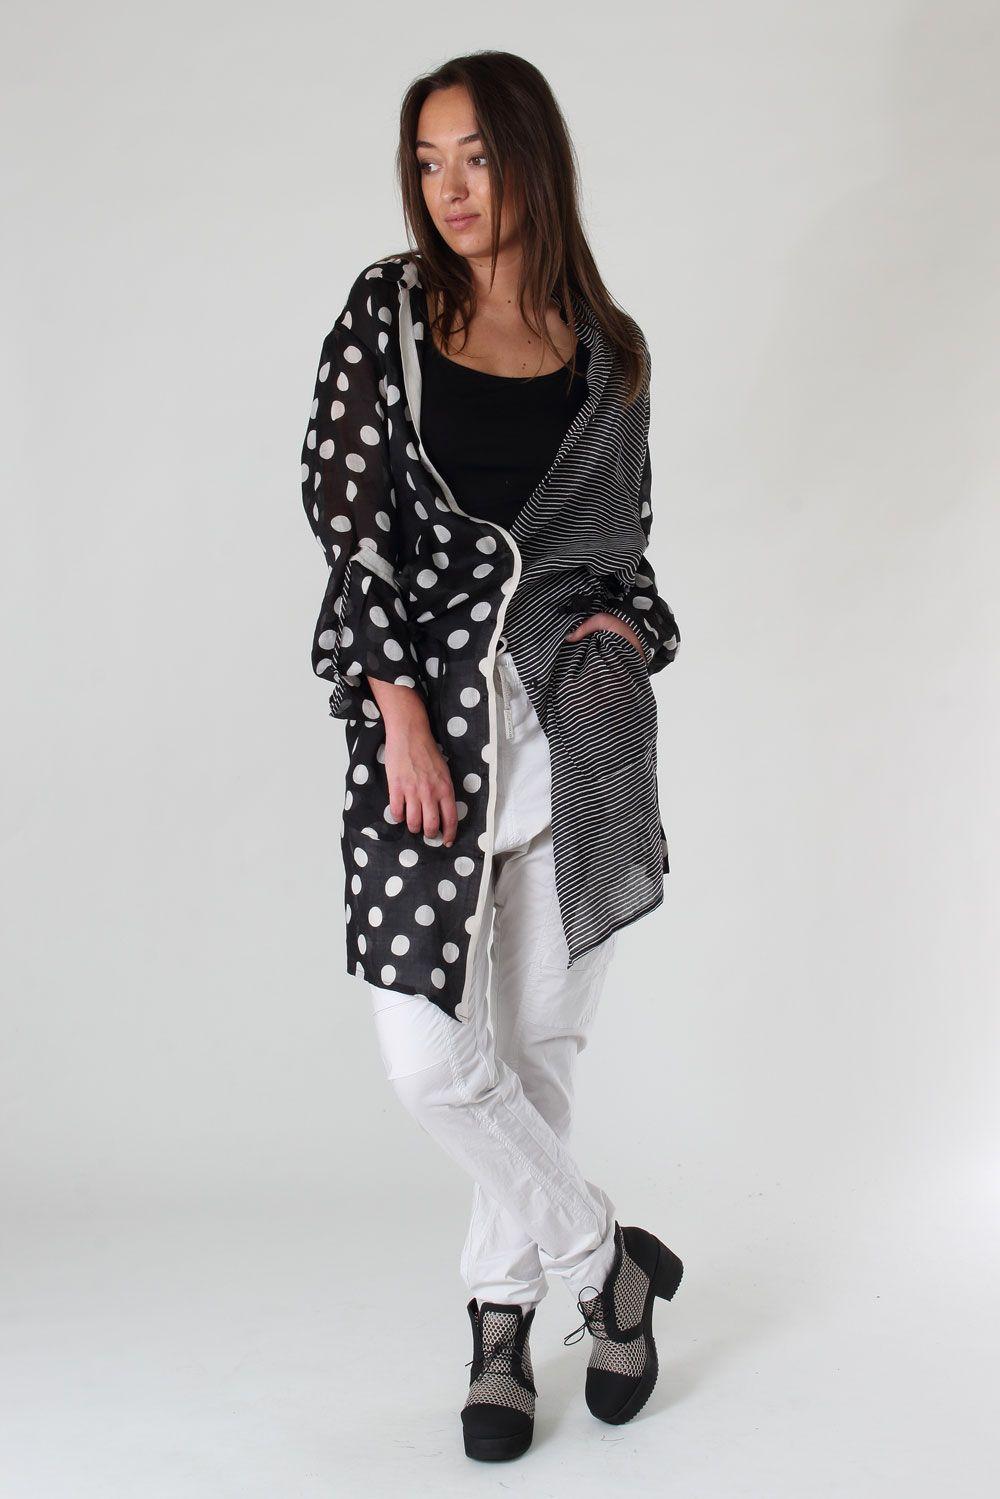 Annette Görtz Summer 2015 #annettegoertz #annettegörtz #selectmodeonline #selectmode #fashiondesign #fashion #annettegortz